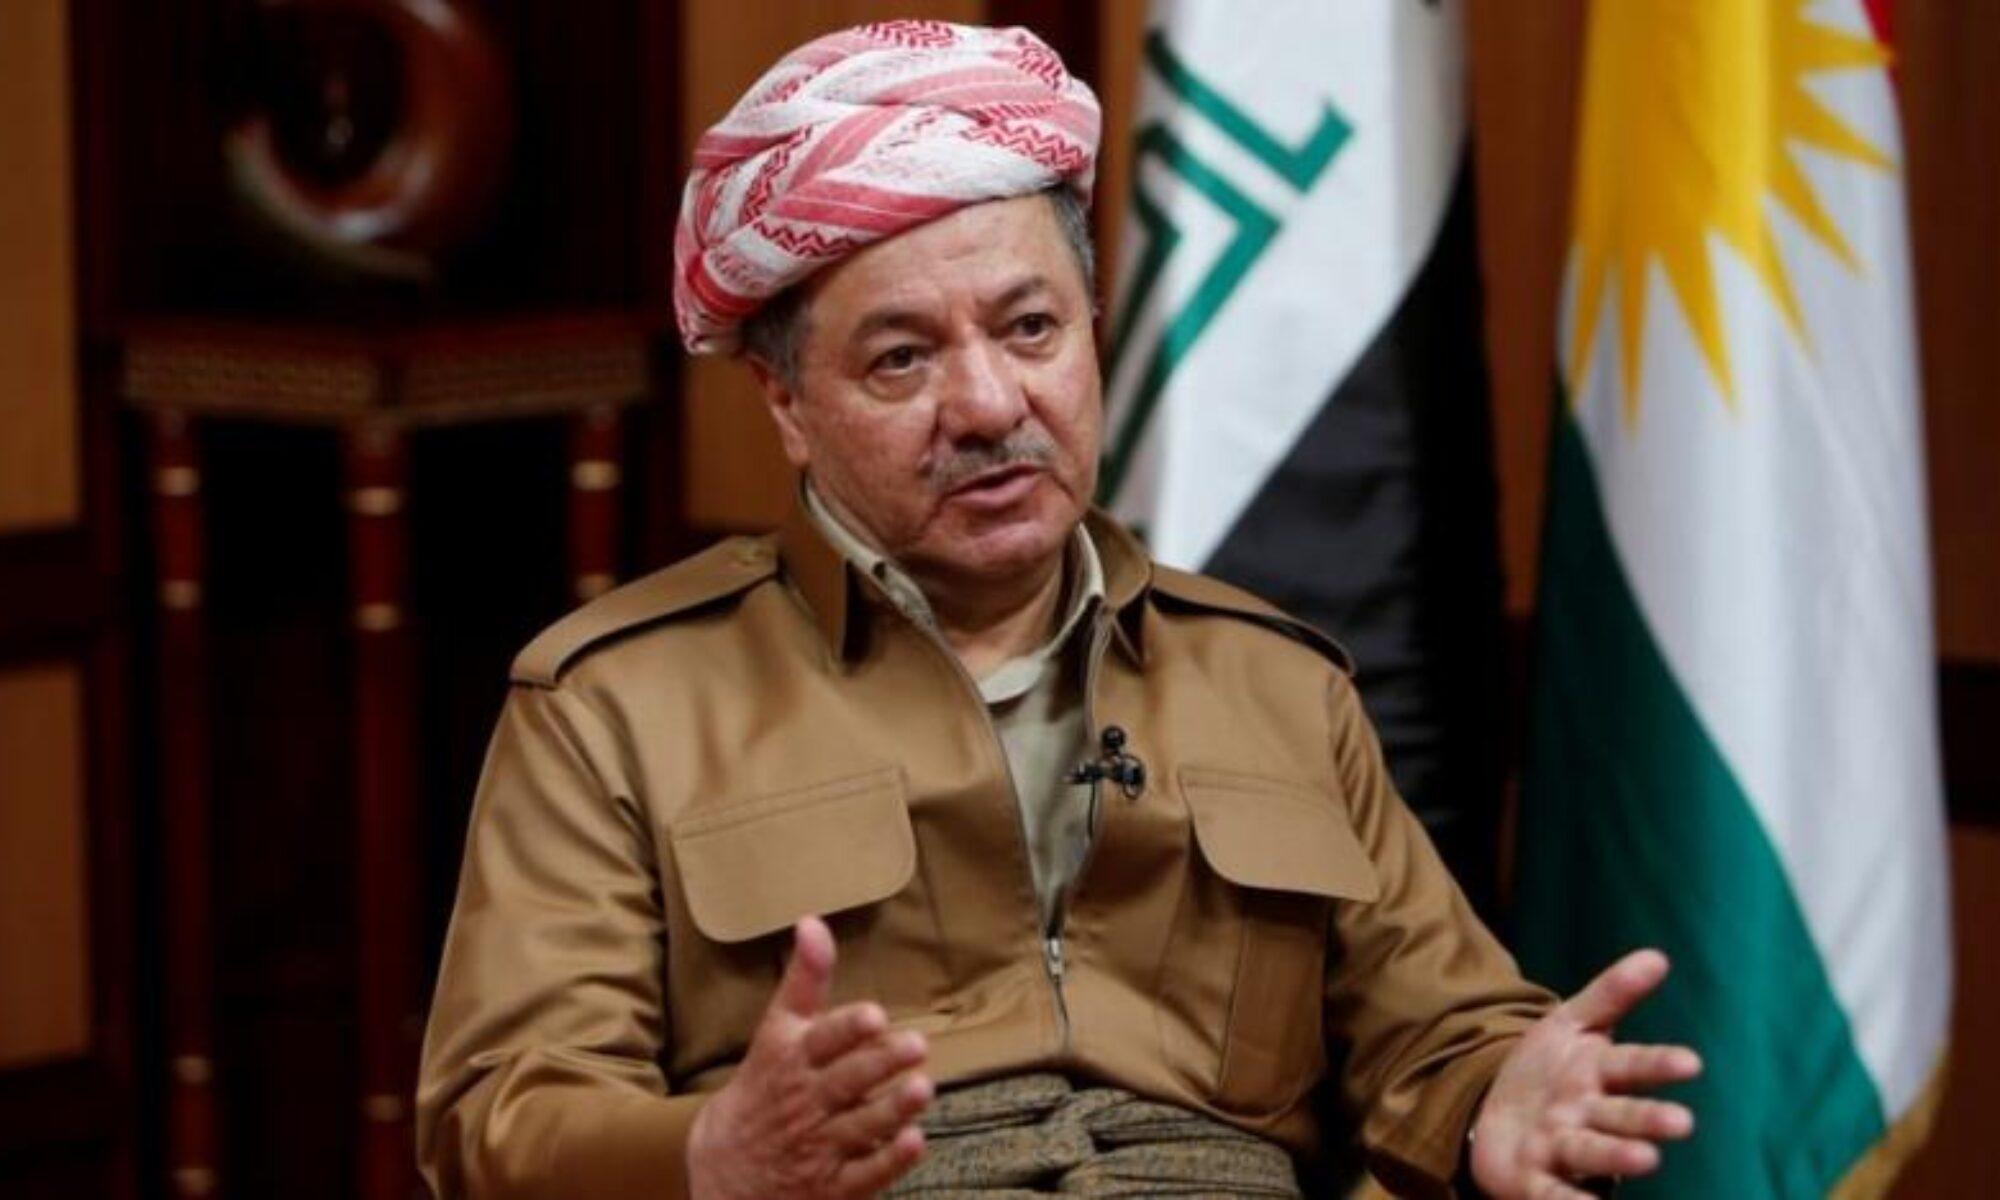 Barzani: soykırım ve katliama teslim olmadı, düşmanlar ve suçlular ise tarihin çöplüğüne gömüldü